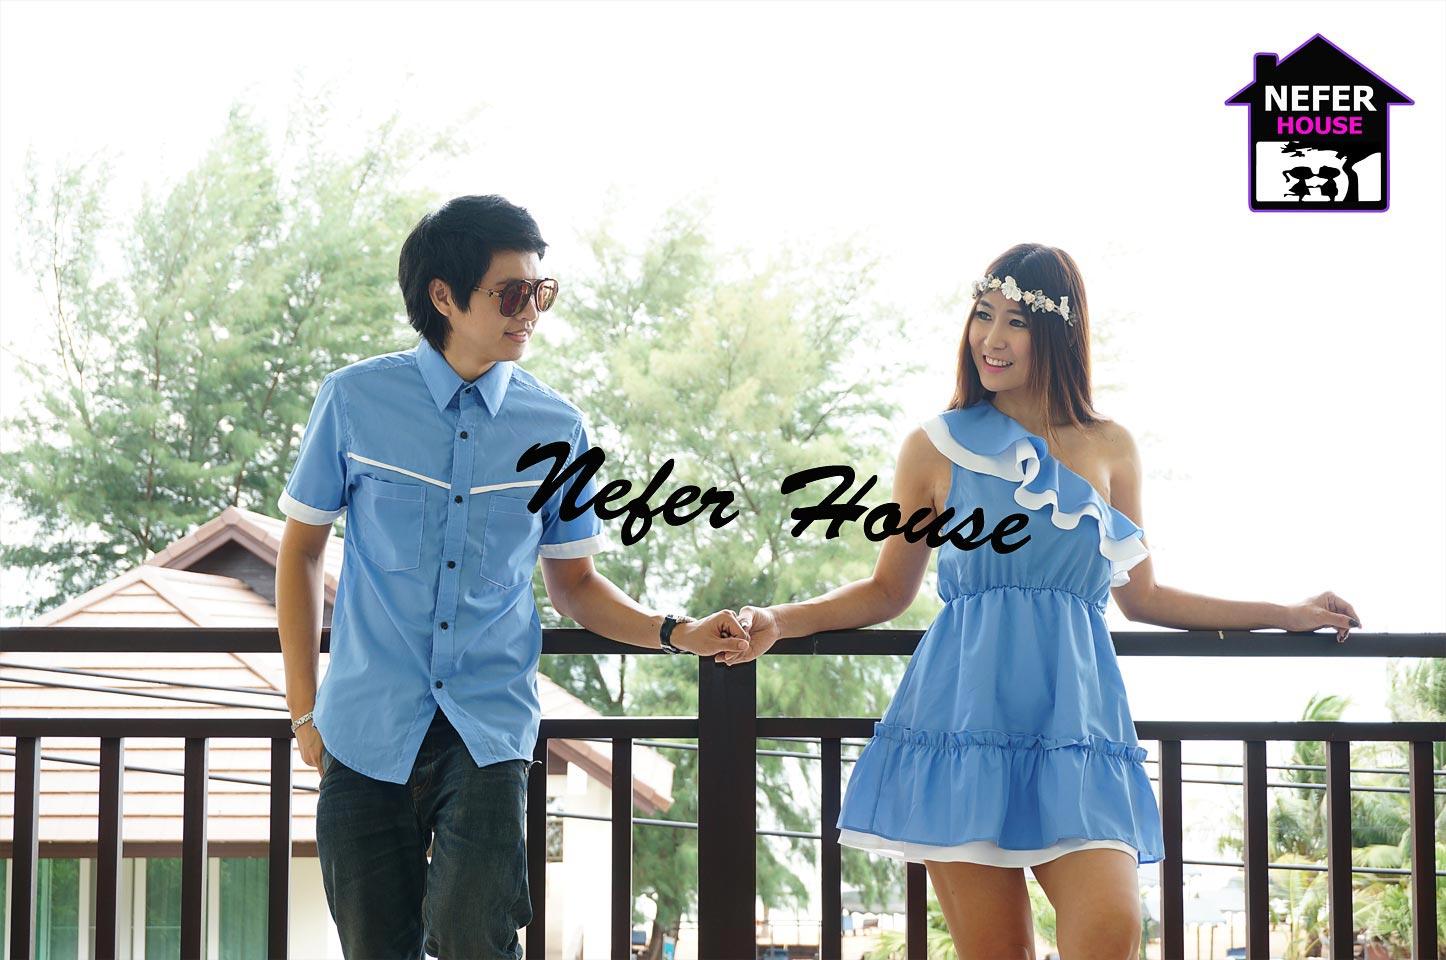 ชุดคู่รักสวยๆ ชุดคู่รักพร้อมส่ง สีฟ้า-ขาวสดใส pattern และDesignเก๋ๆ